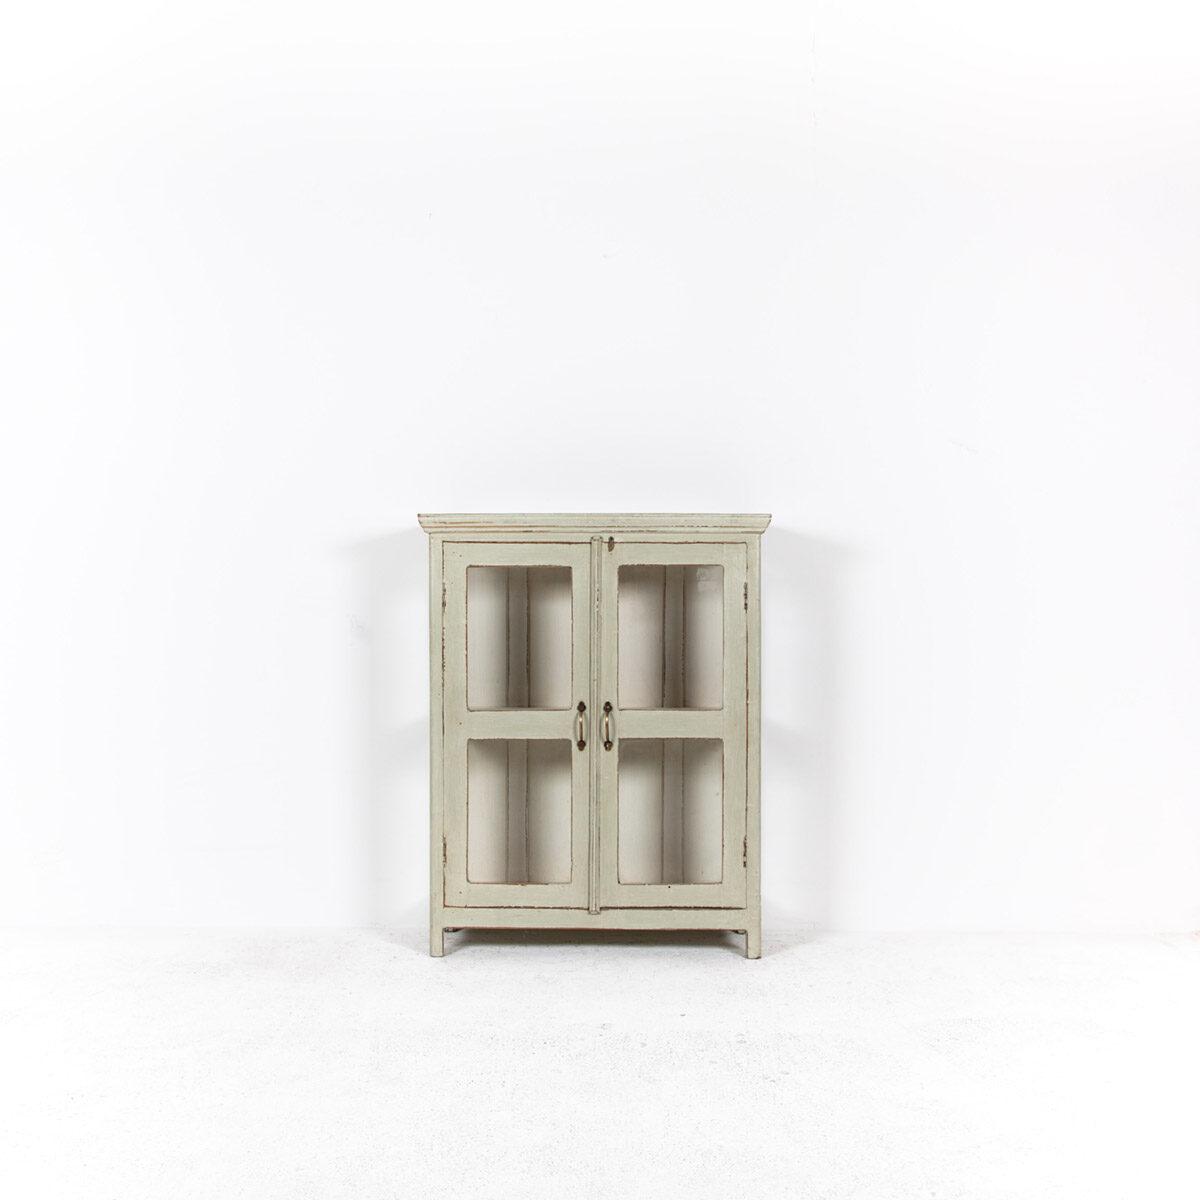 Vitrinekast-2-glazen-deuren-oud-groengrijs-4